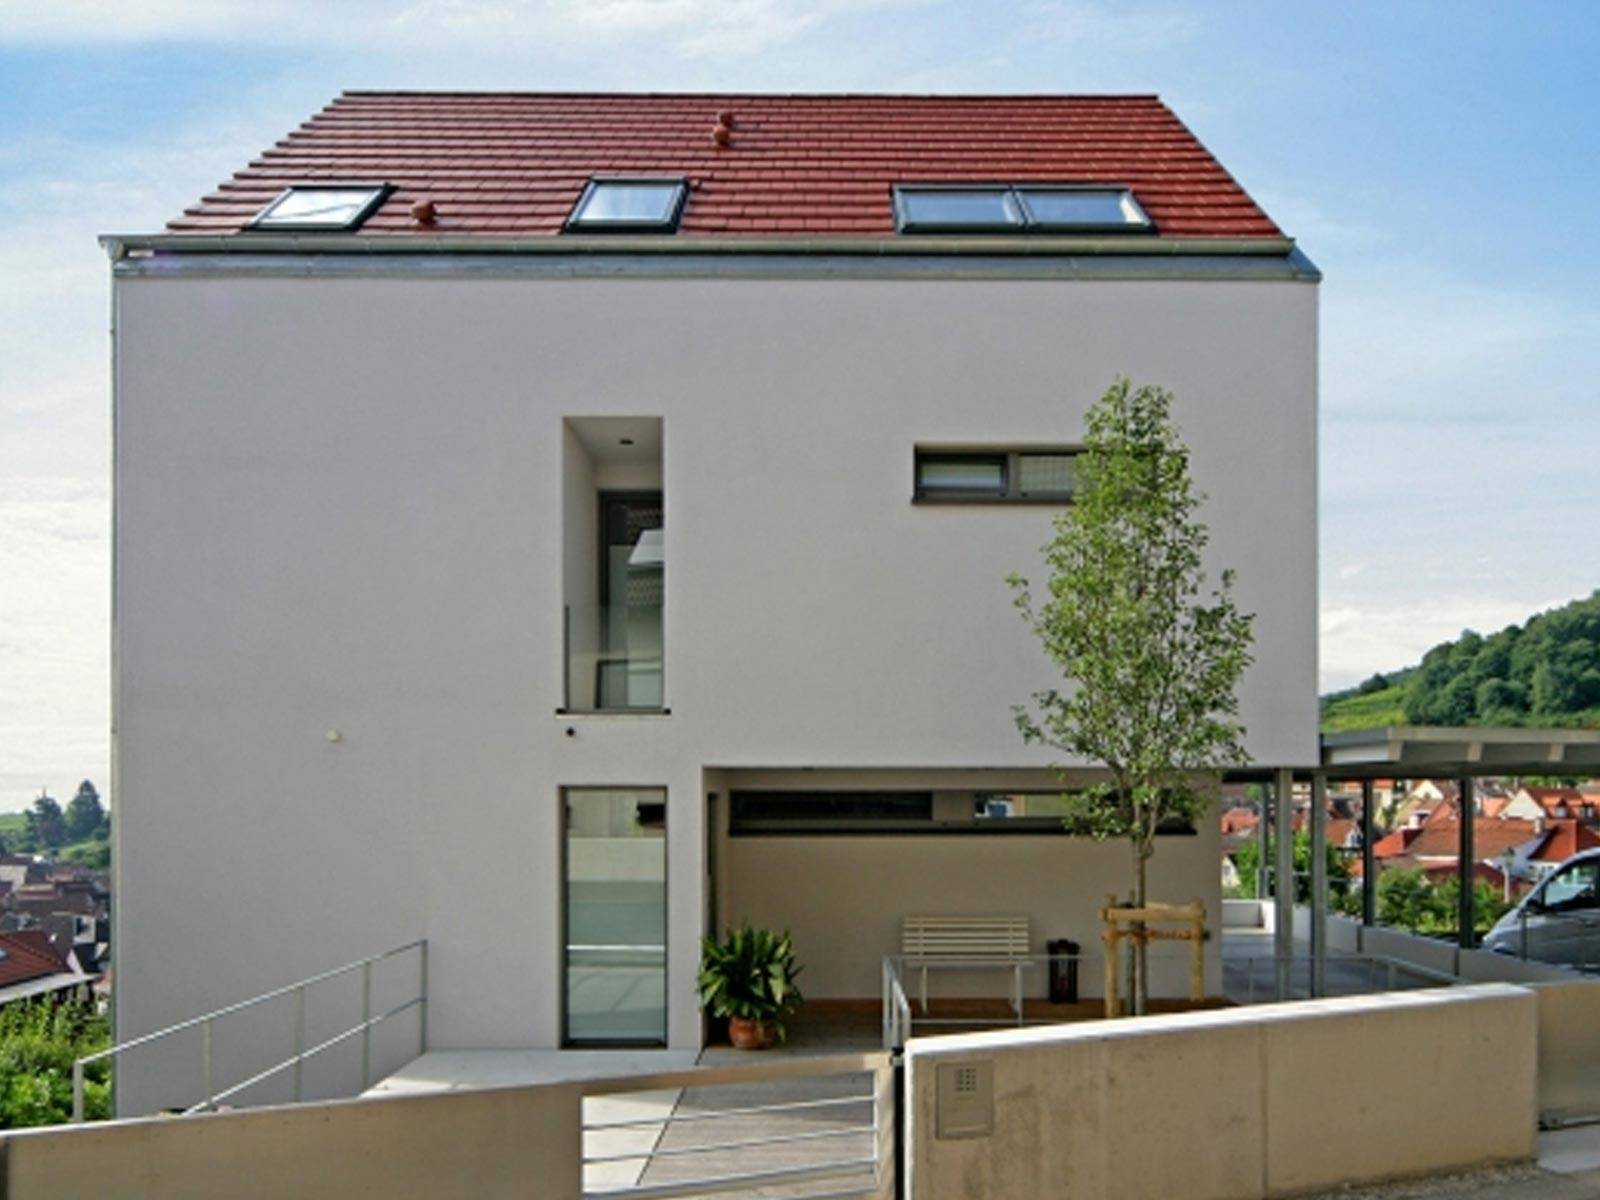 Fertighaus stadthaus  Stadthaus Zimmermann - Fertighaus WEISS